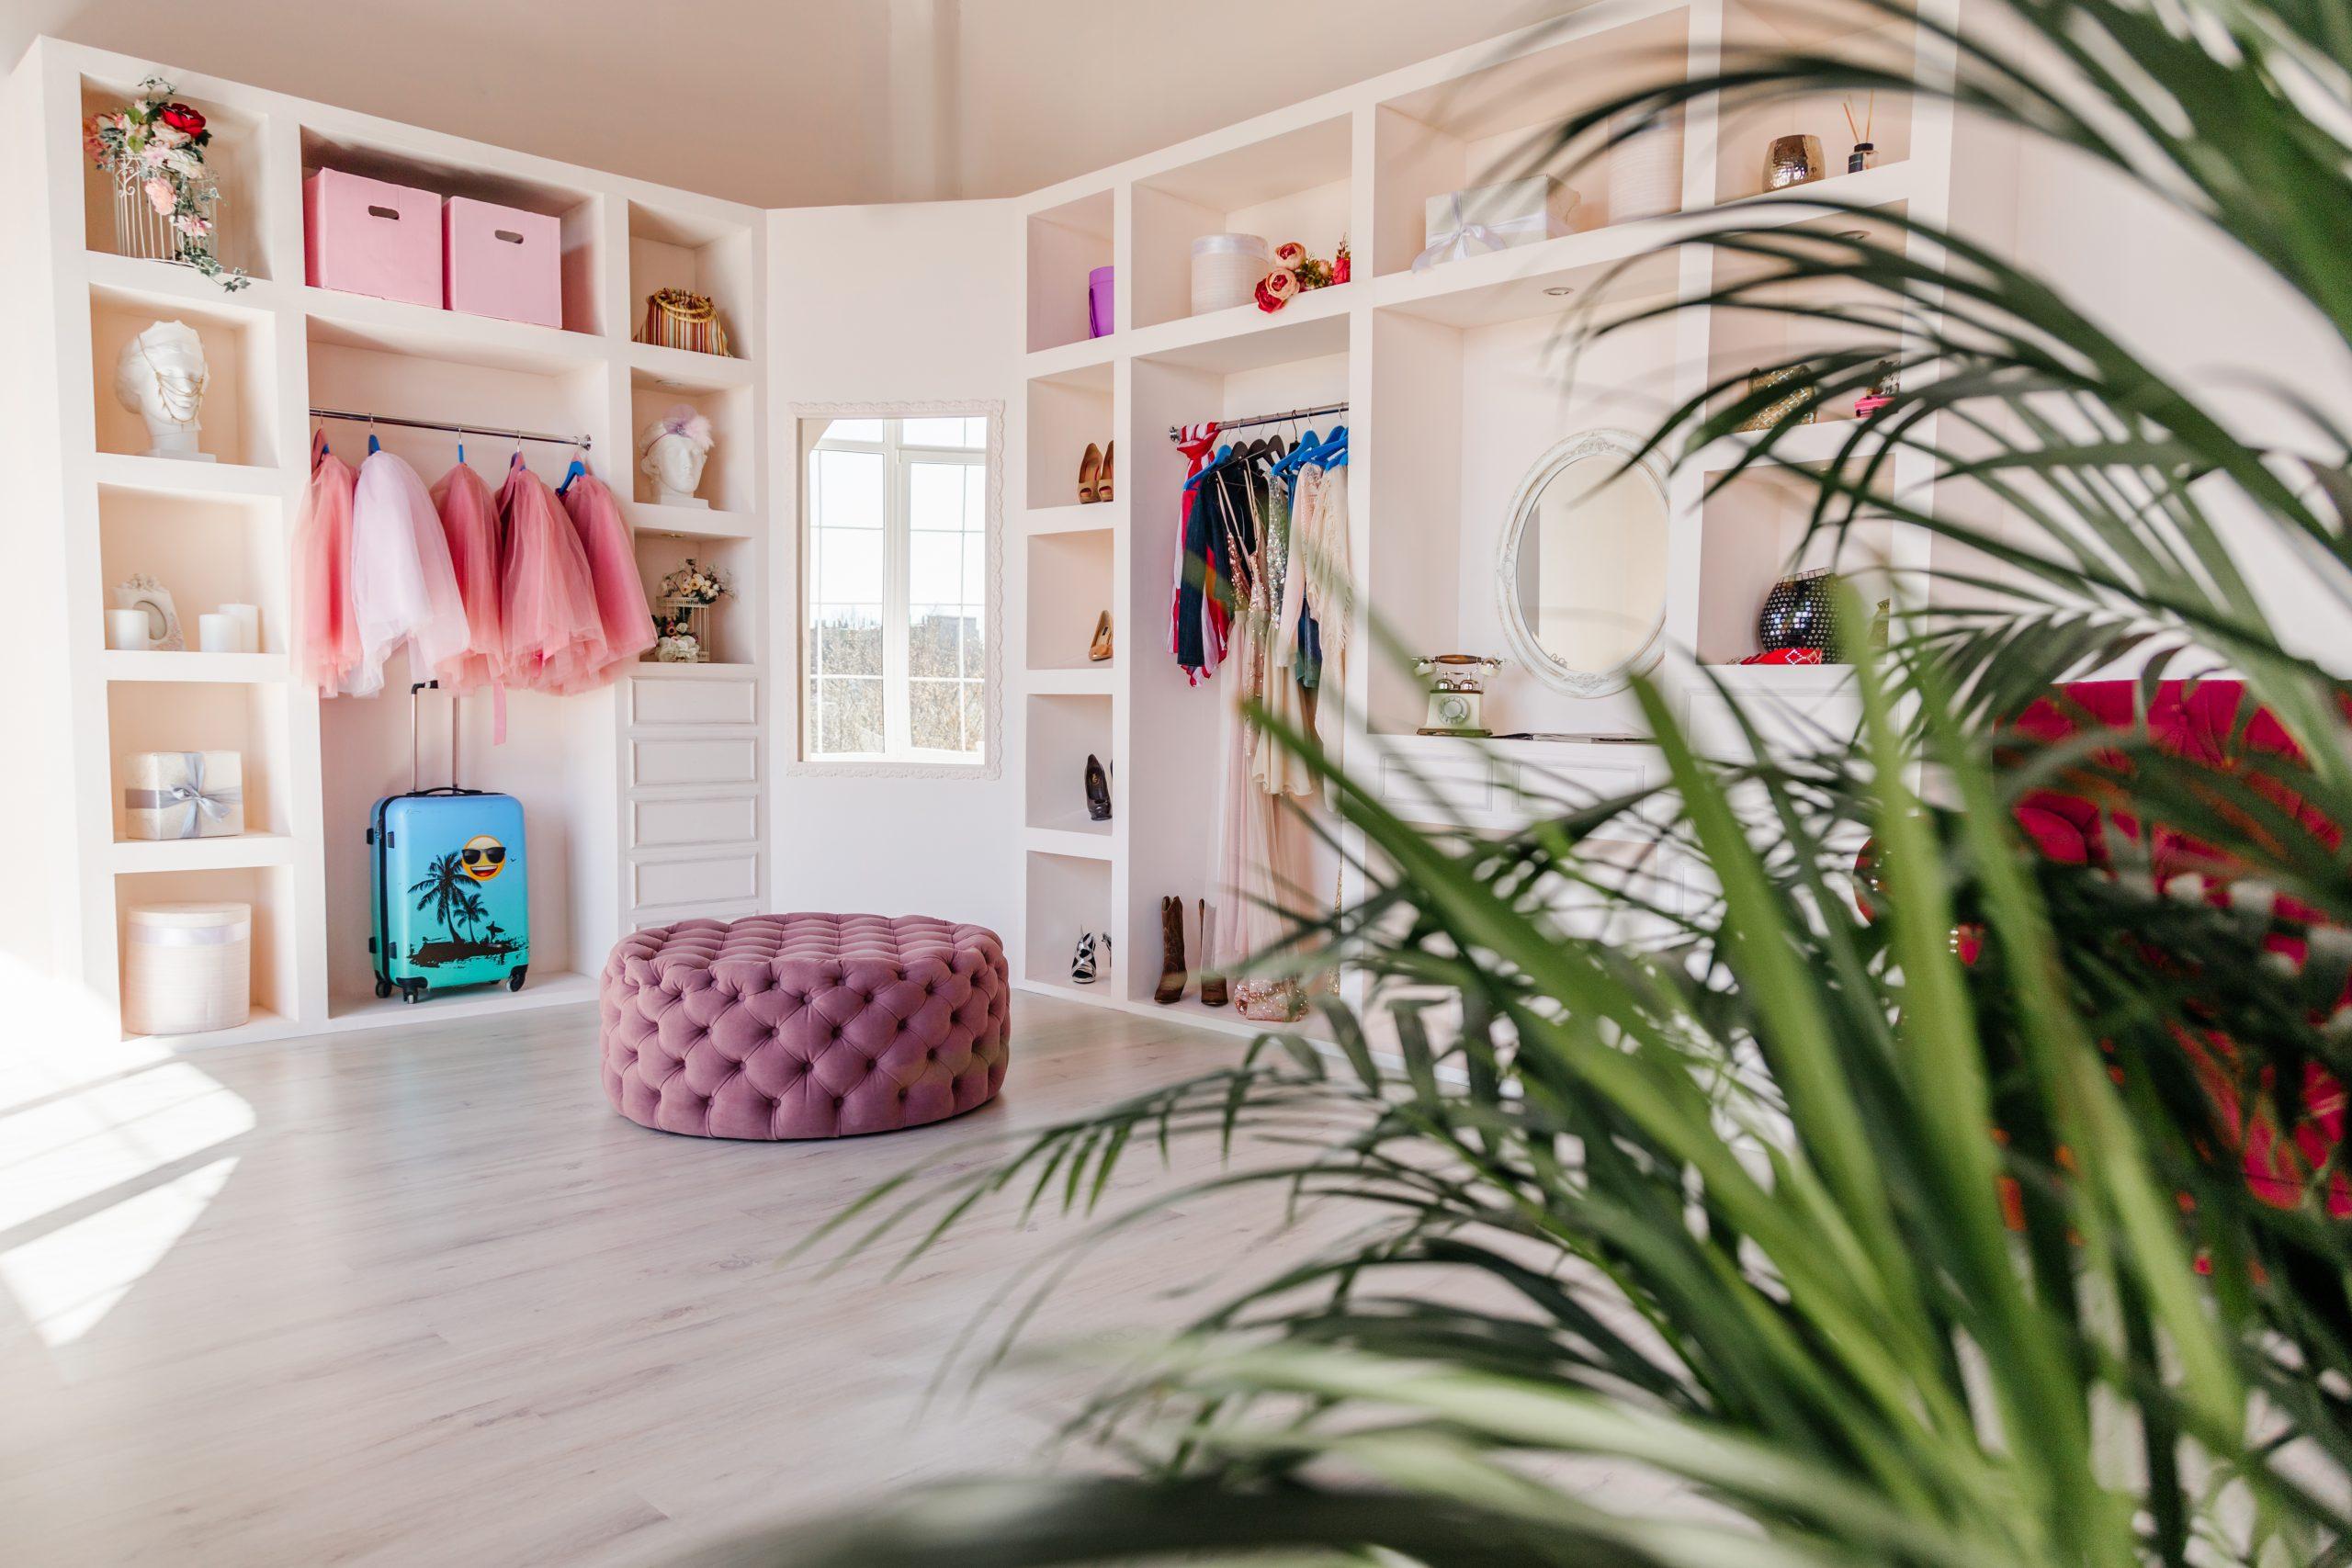 Зал Royal в фотостудии Дива Студио, фотозона в розовых тонах